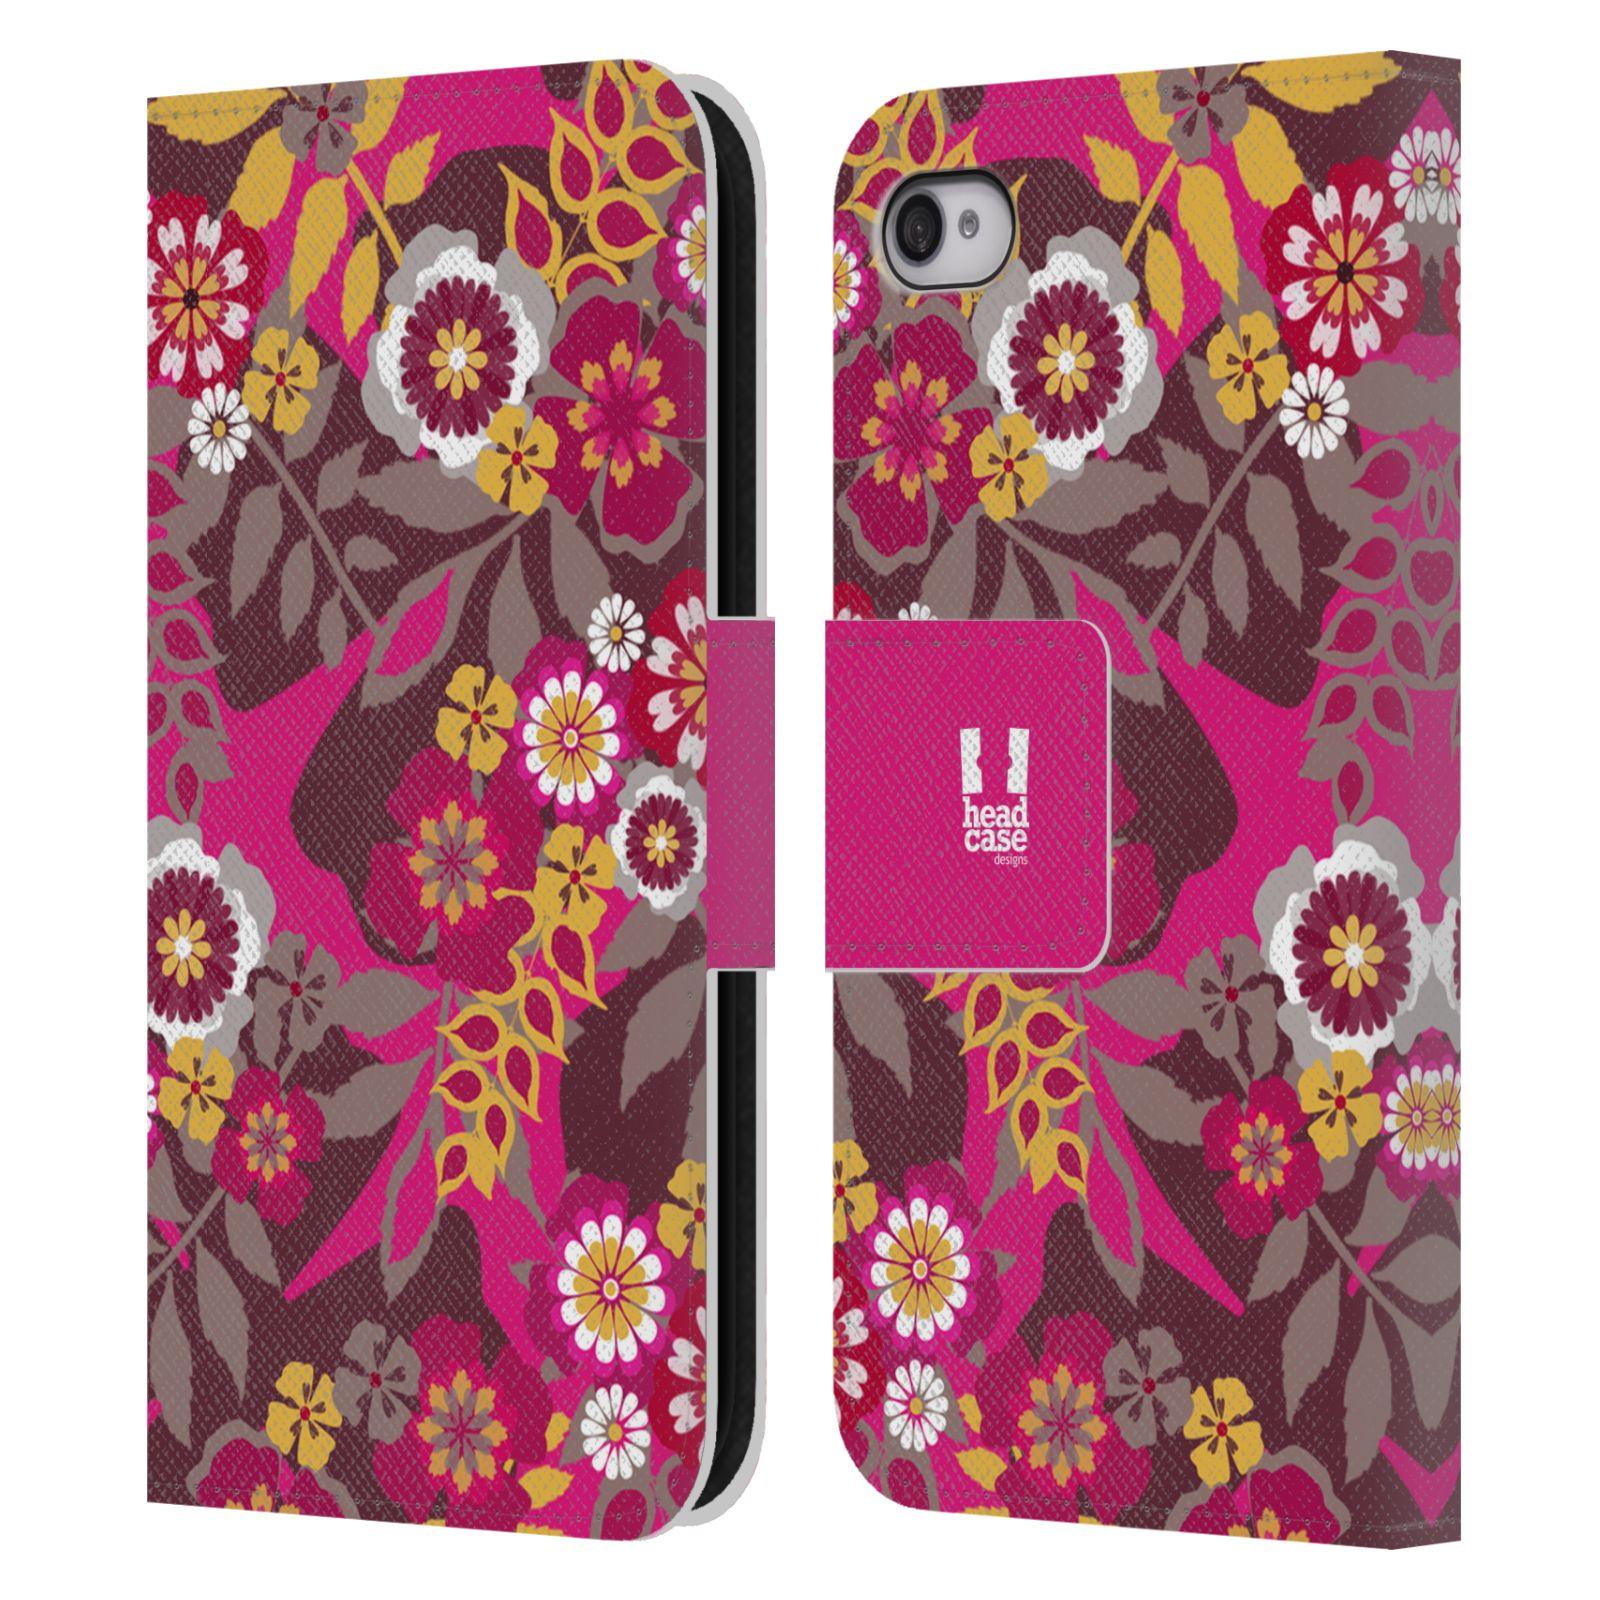 HEAD CASE Flipové pouzdro pro mobil Apple Iphone 4/4s BOTANIKA růžová a hnědá